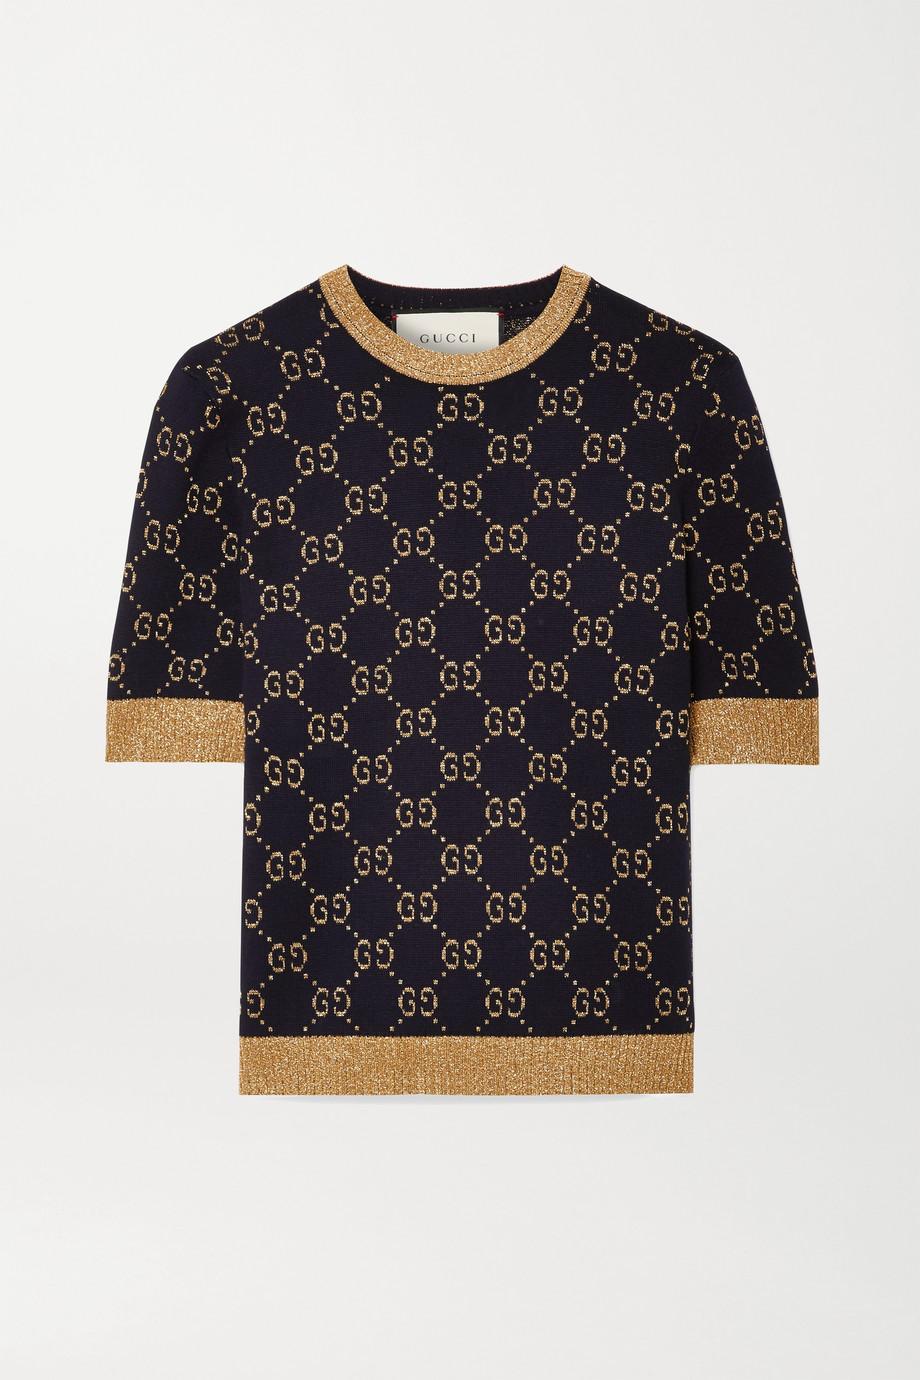 Gucci 金属感棉质混纺提花毛衣